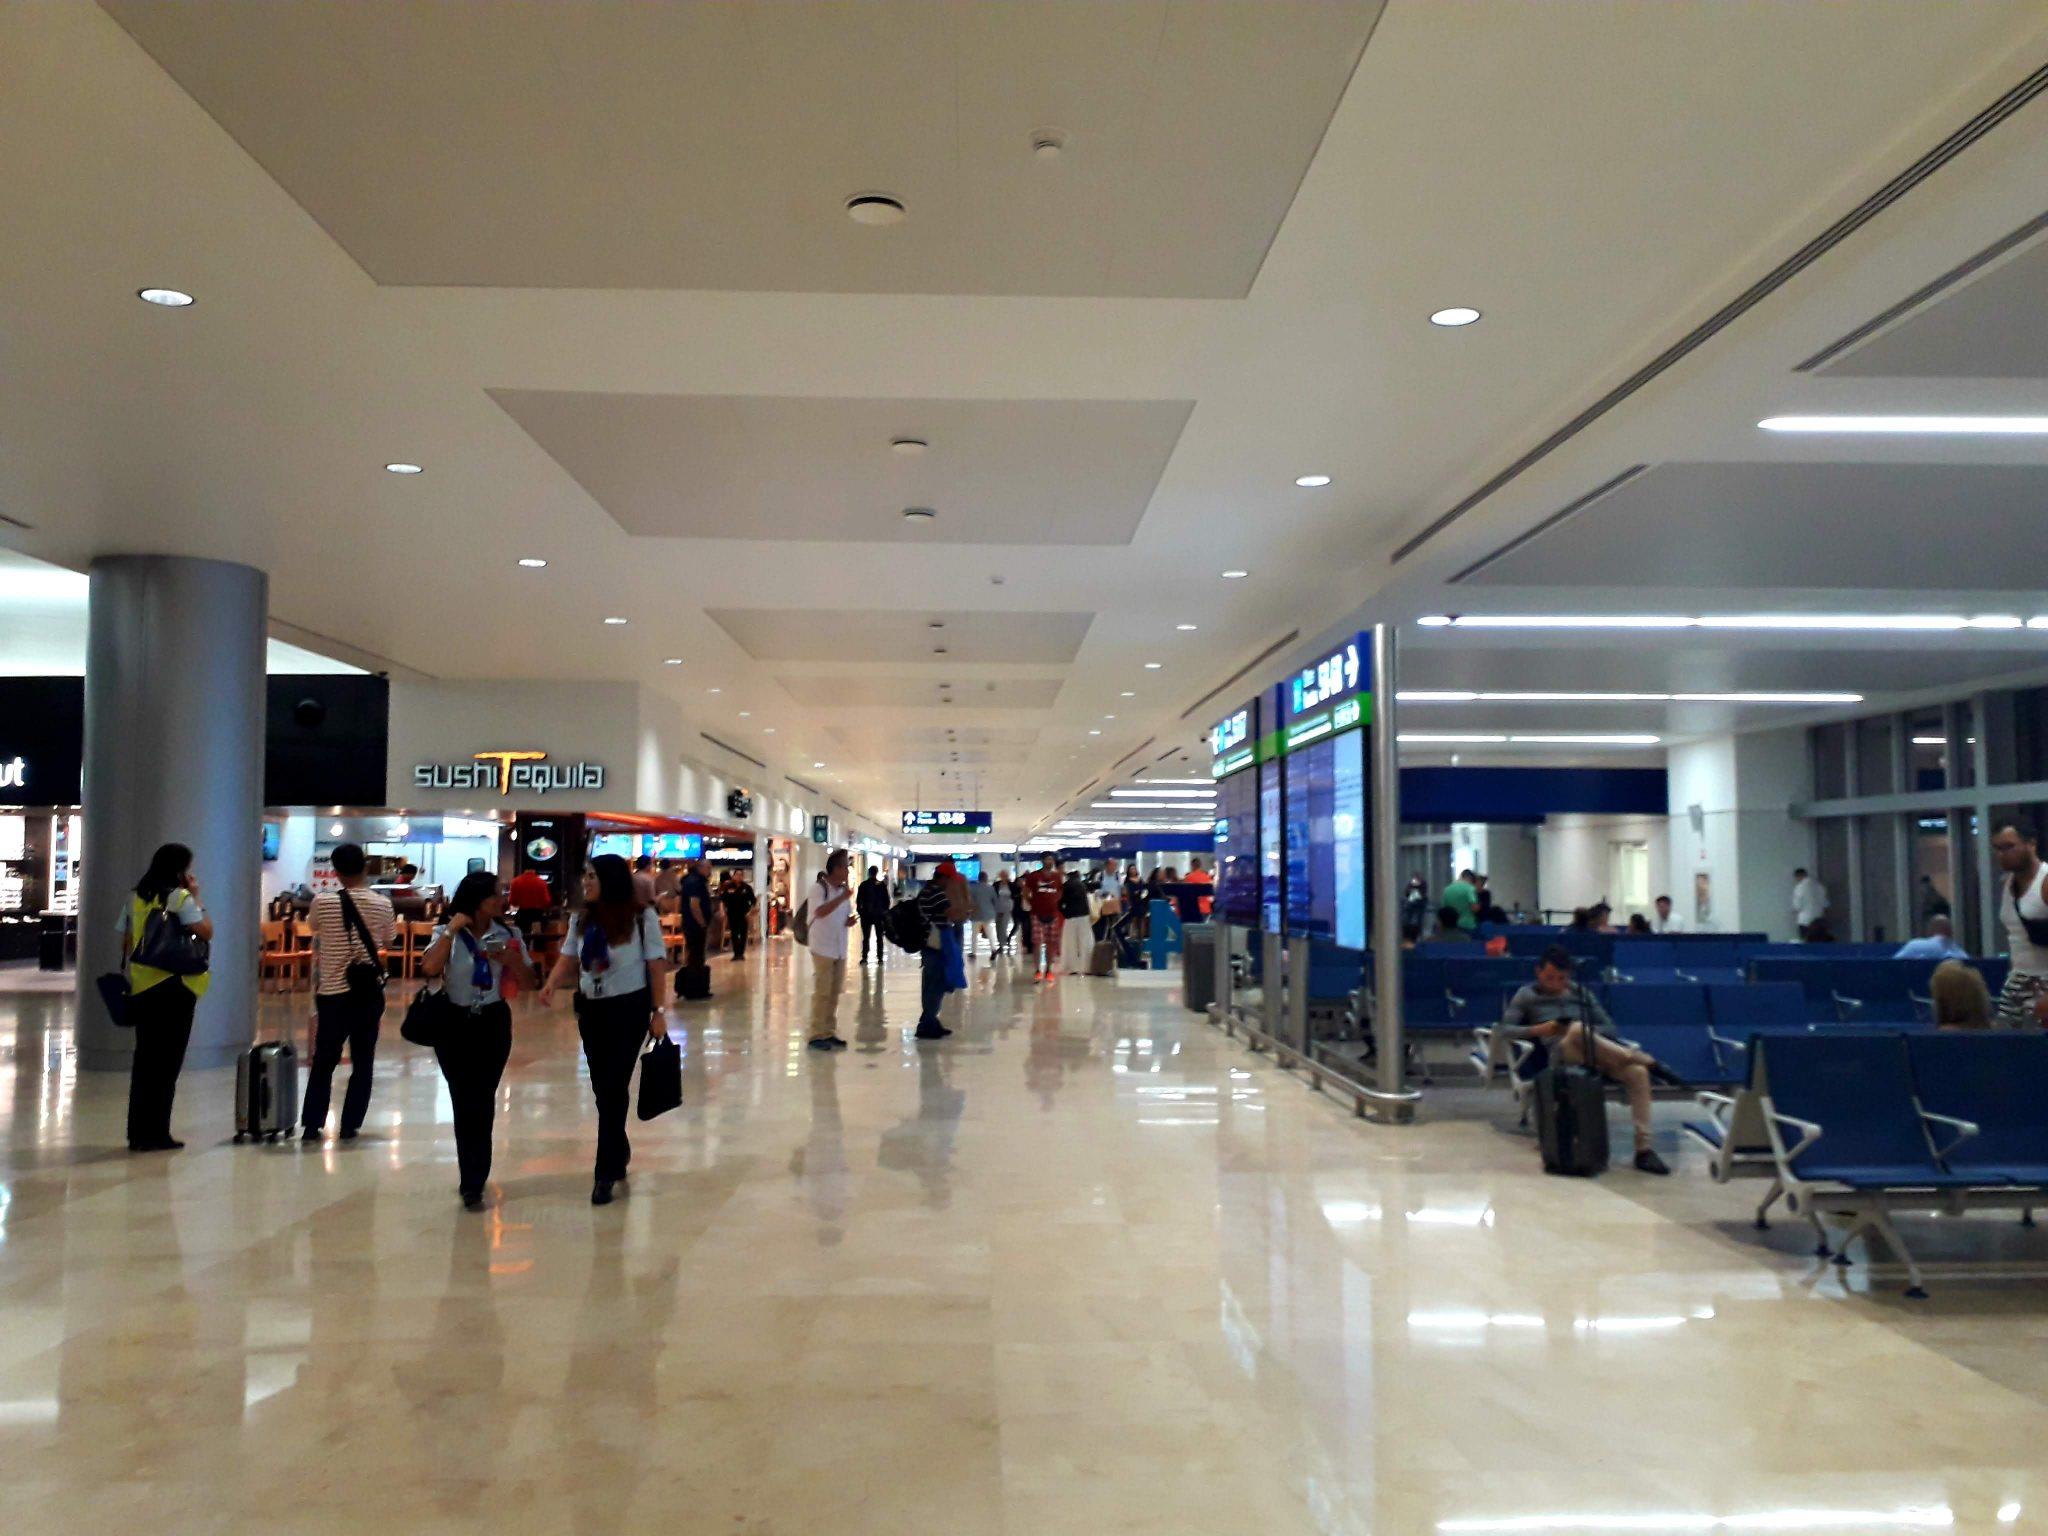 México: Rentabilidad de grupos aeroportuarios 'vuela' por encima de aerolíneas